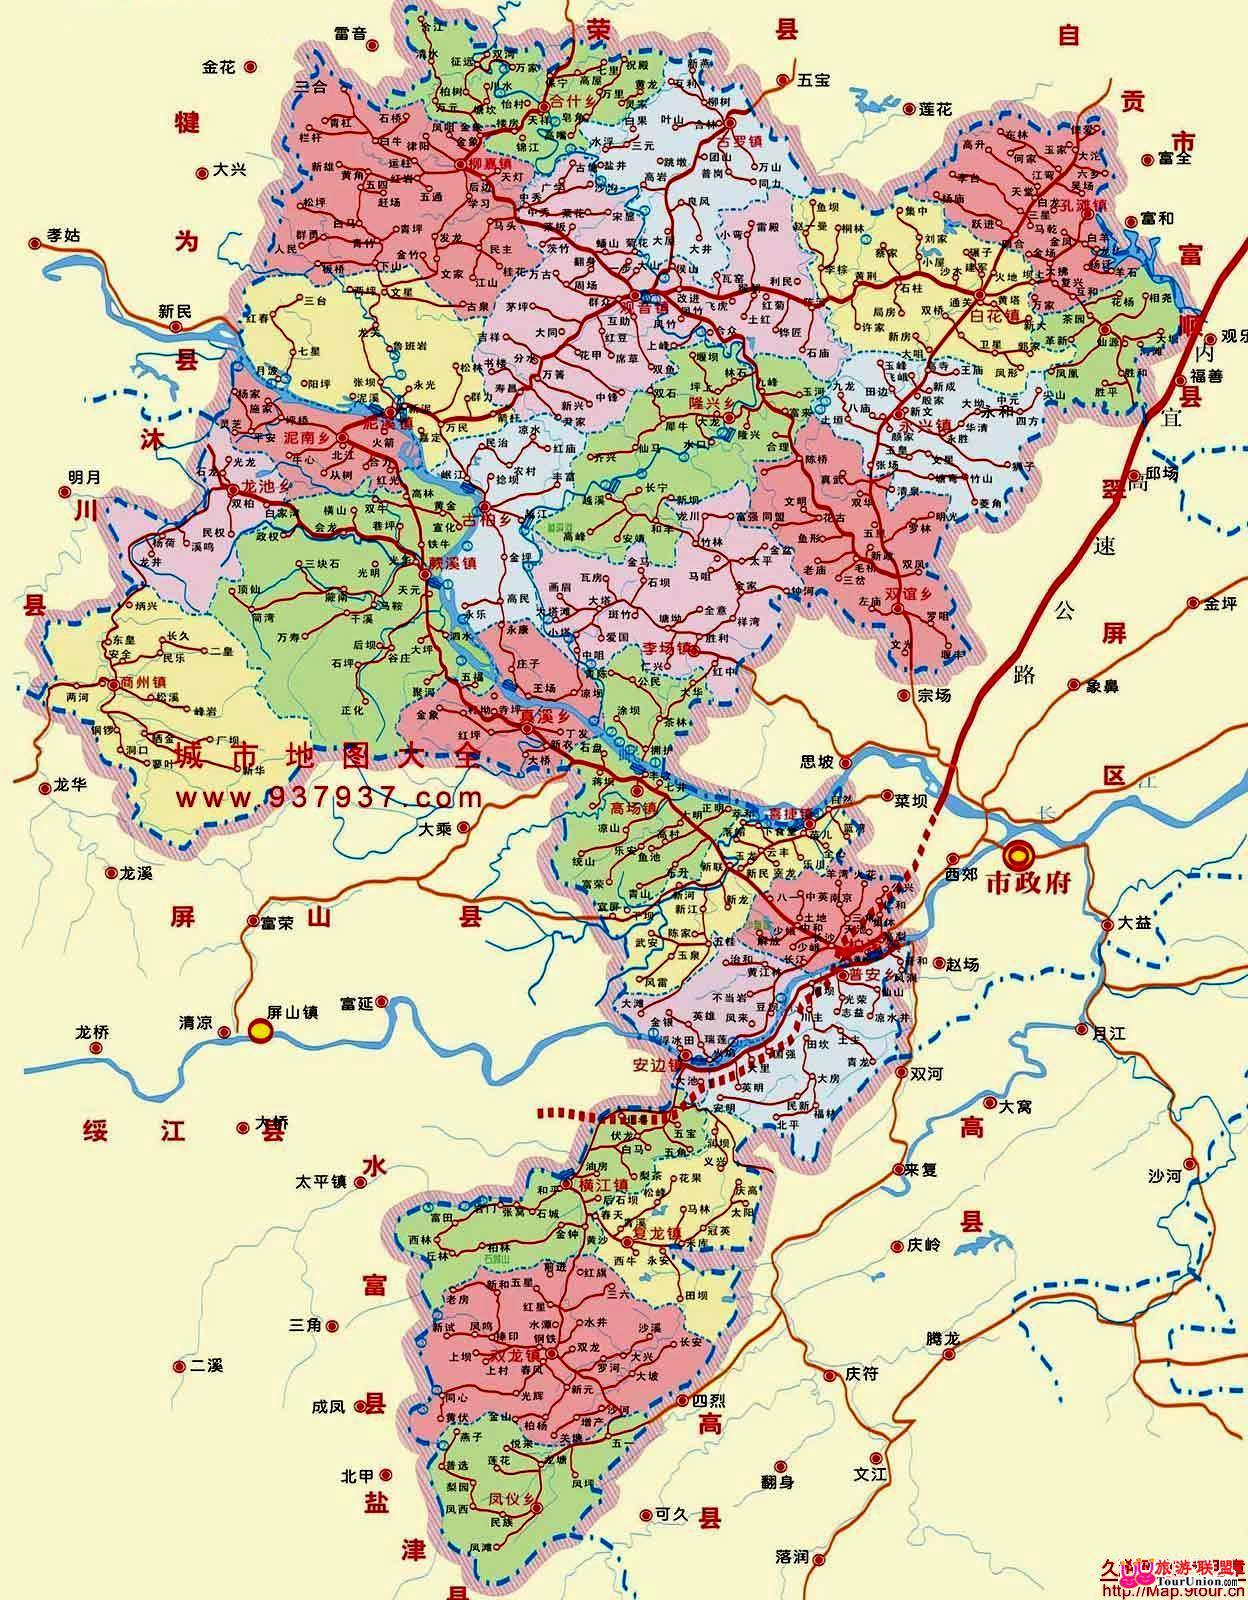 四川宜宾地图